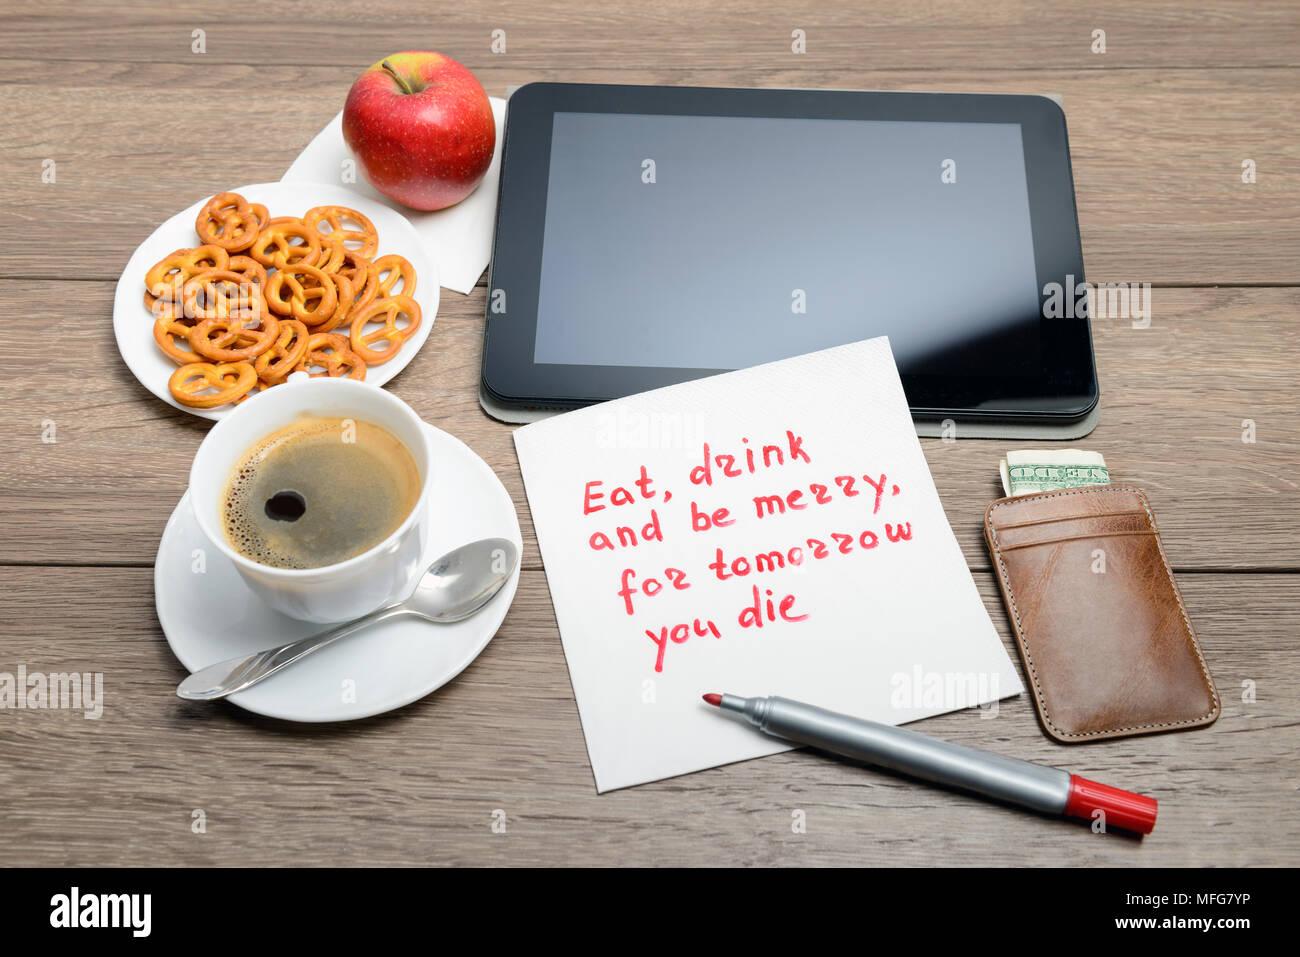 Tovagliolo scrittura proverbio del messaggio sul tavolo di legno con caffè, alcuni alimenti e tablet PC mangiare, bere e stare allegro, per domani si muore Immagini Stock